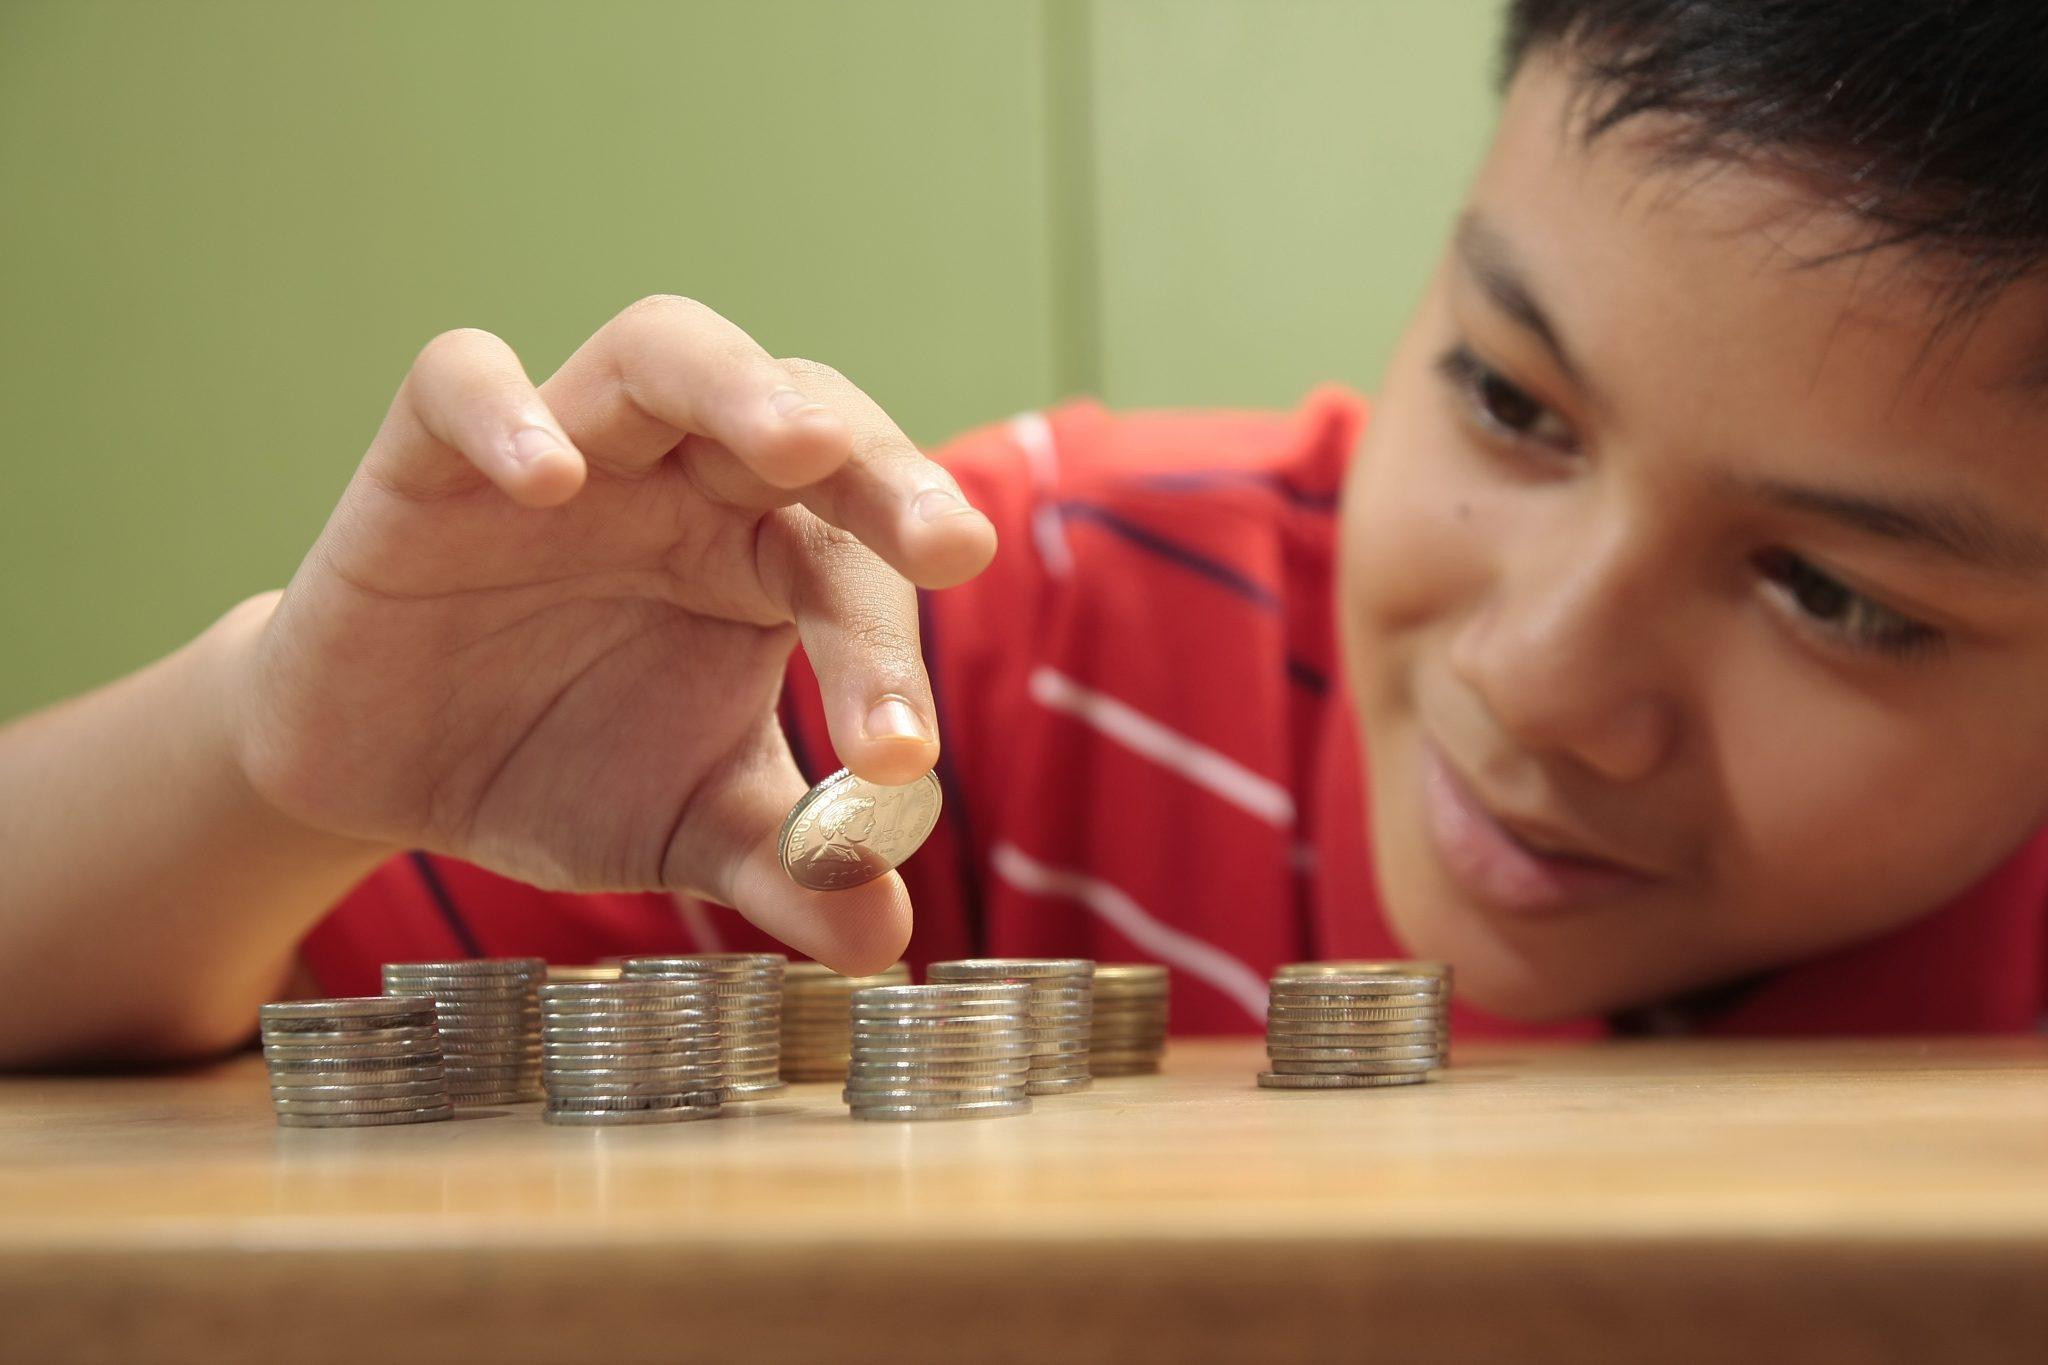 занять деньги подростку